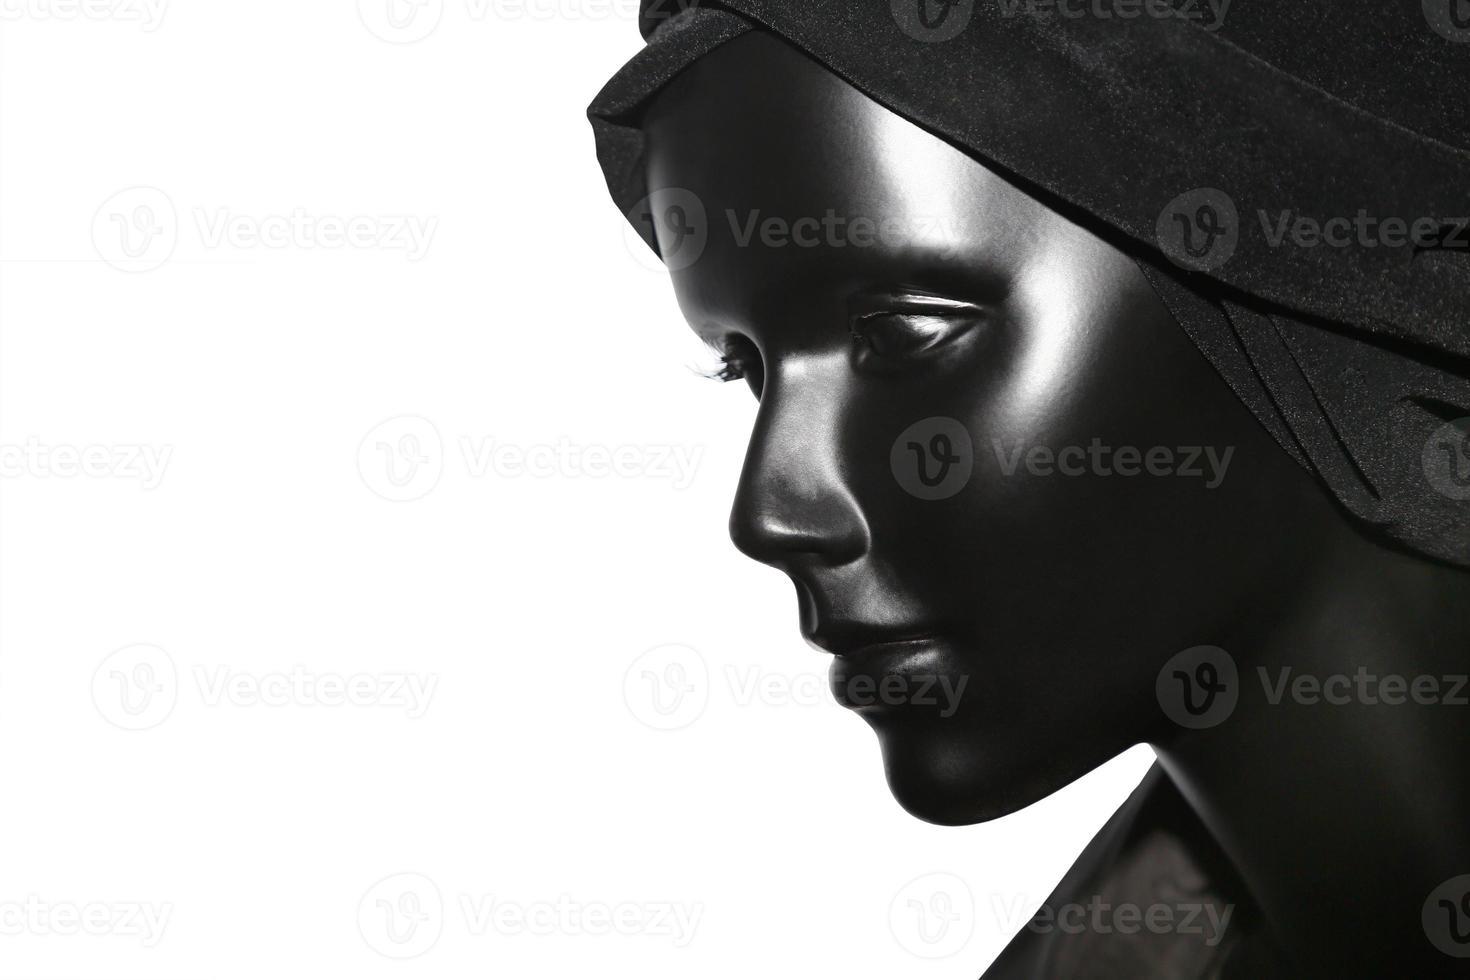 porträtt av en kvinnad skyltdocka, kläder foto